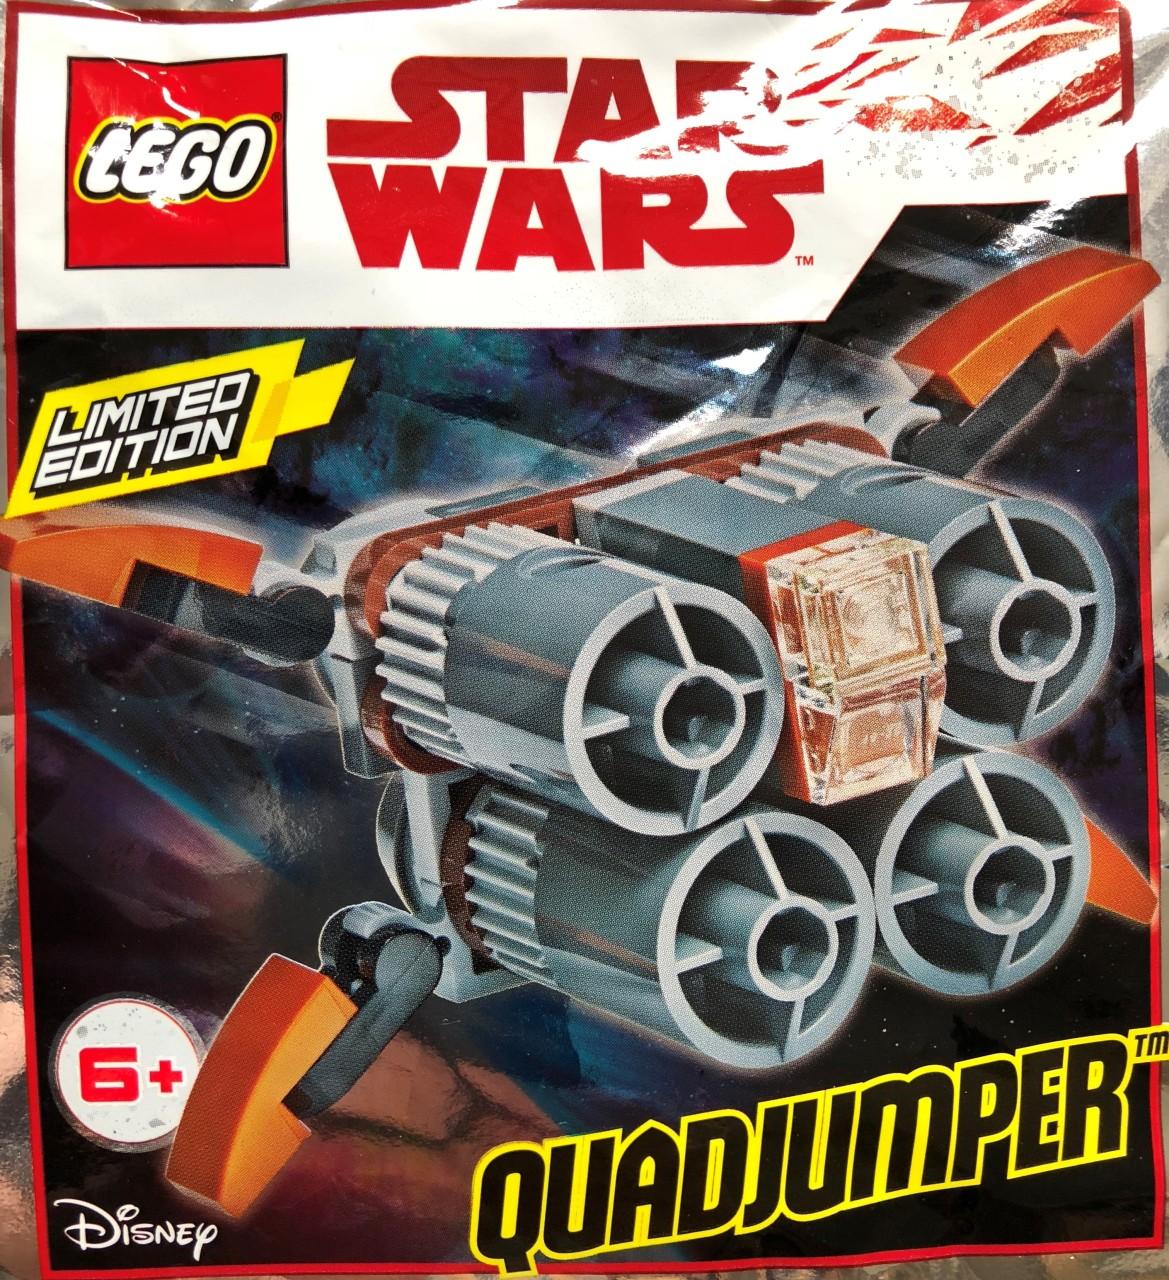 911836 Quadjumper